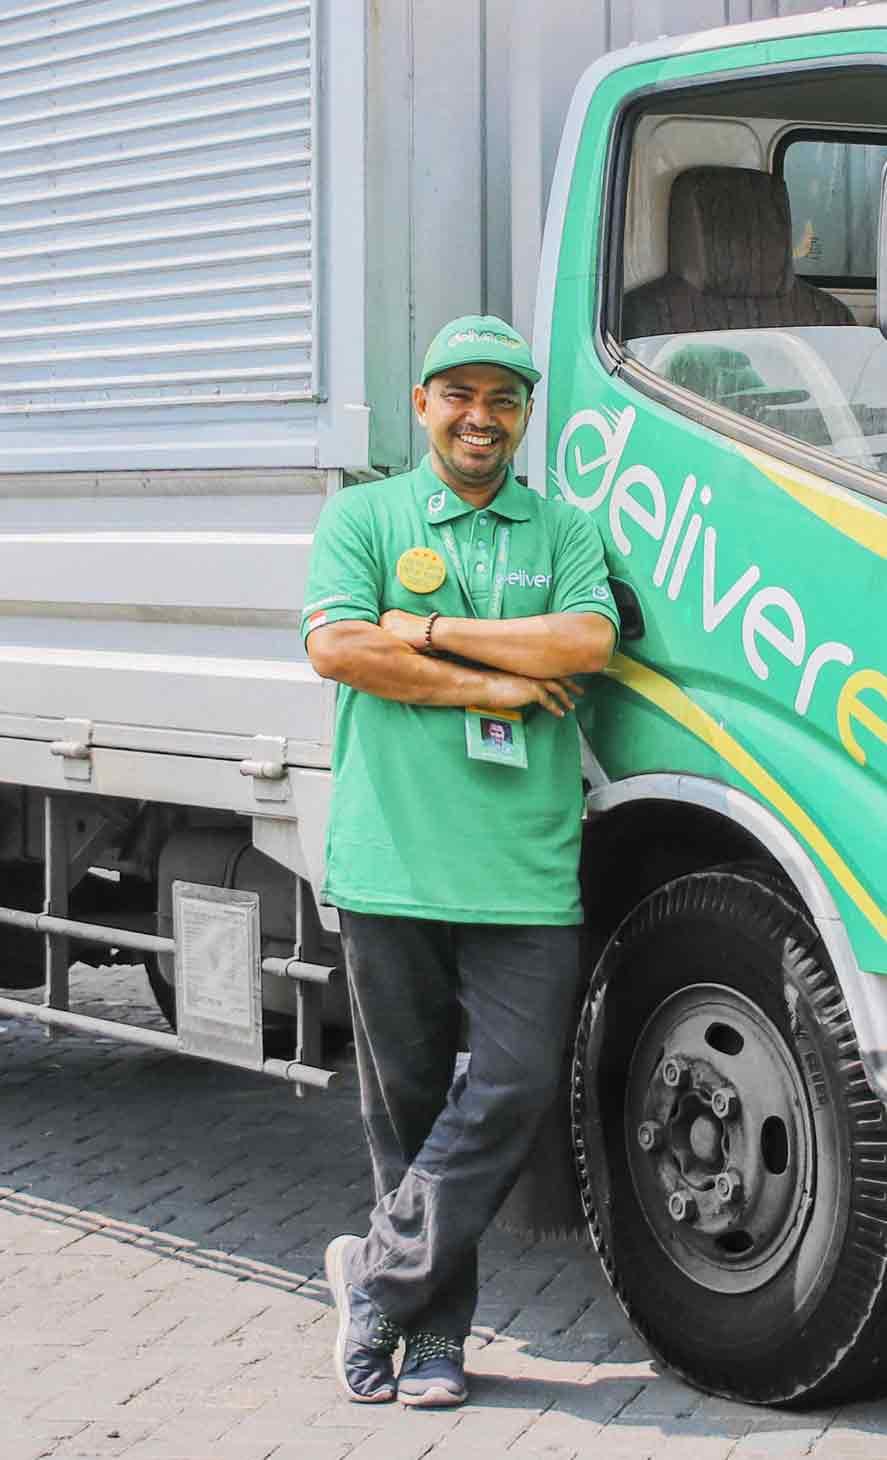 Jadi pengemudi Deliveree! Dapatkan uang tambahan dengan melakukan pengiriman dengan kendaraan Anda sendiri.